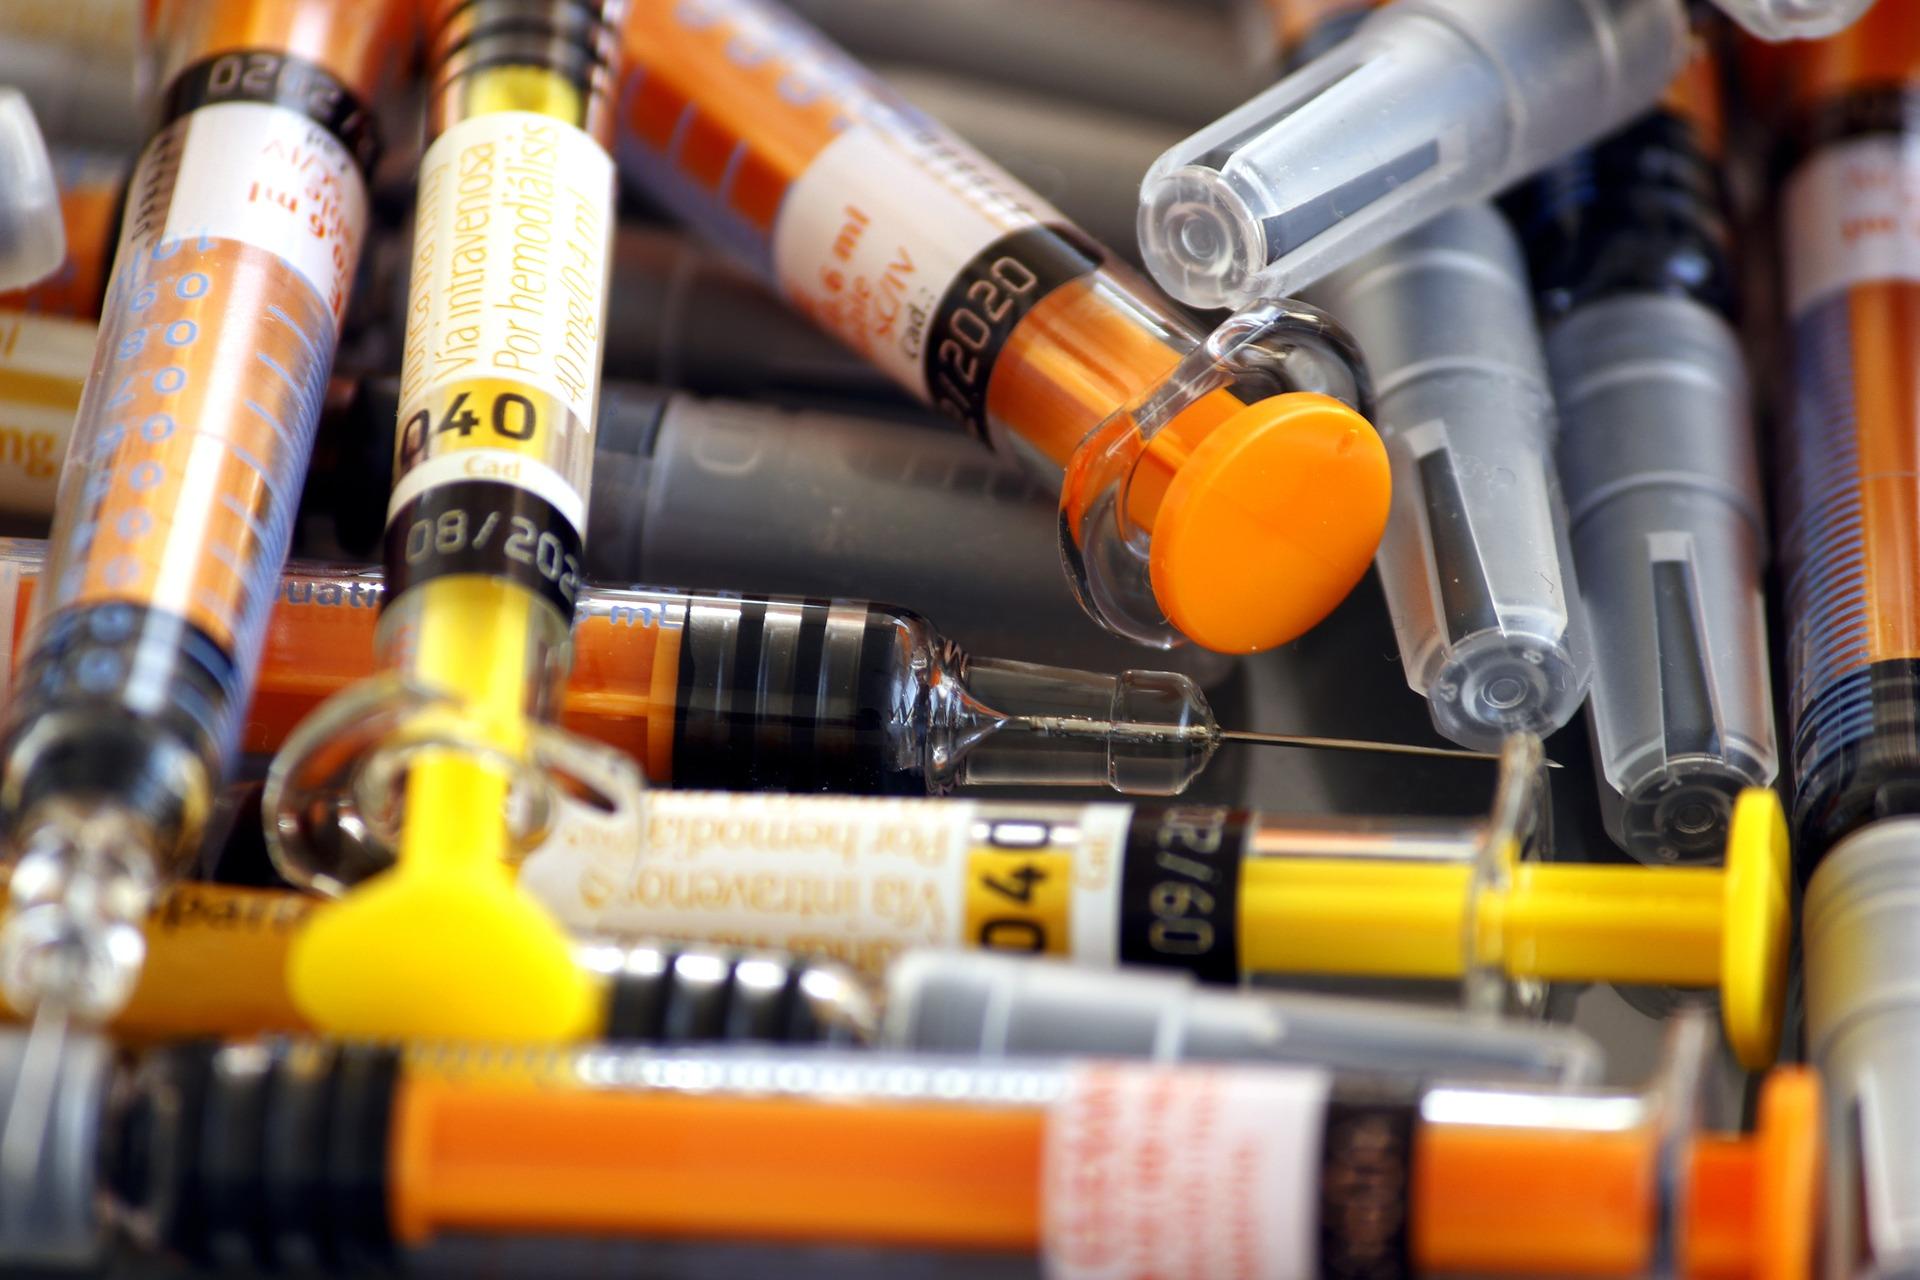 Kolejna okazja do szczepień przeciwko COVID-19 dla mieszkańców Słupska już w ten weekend